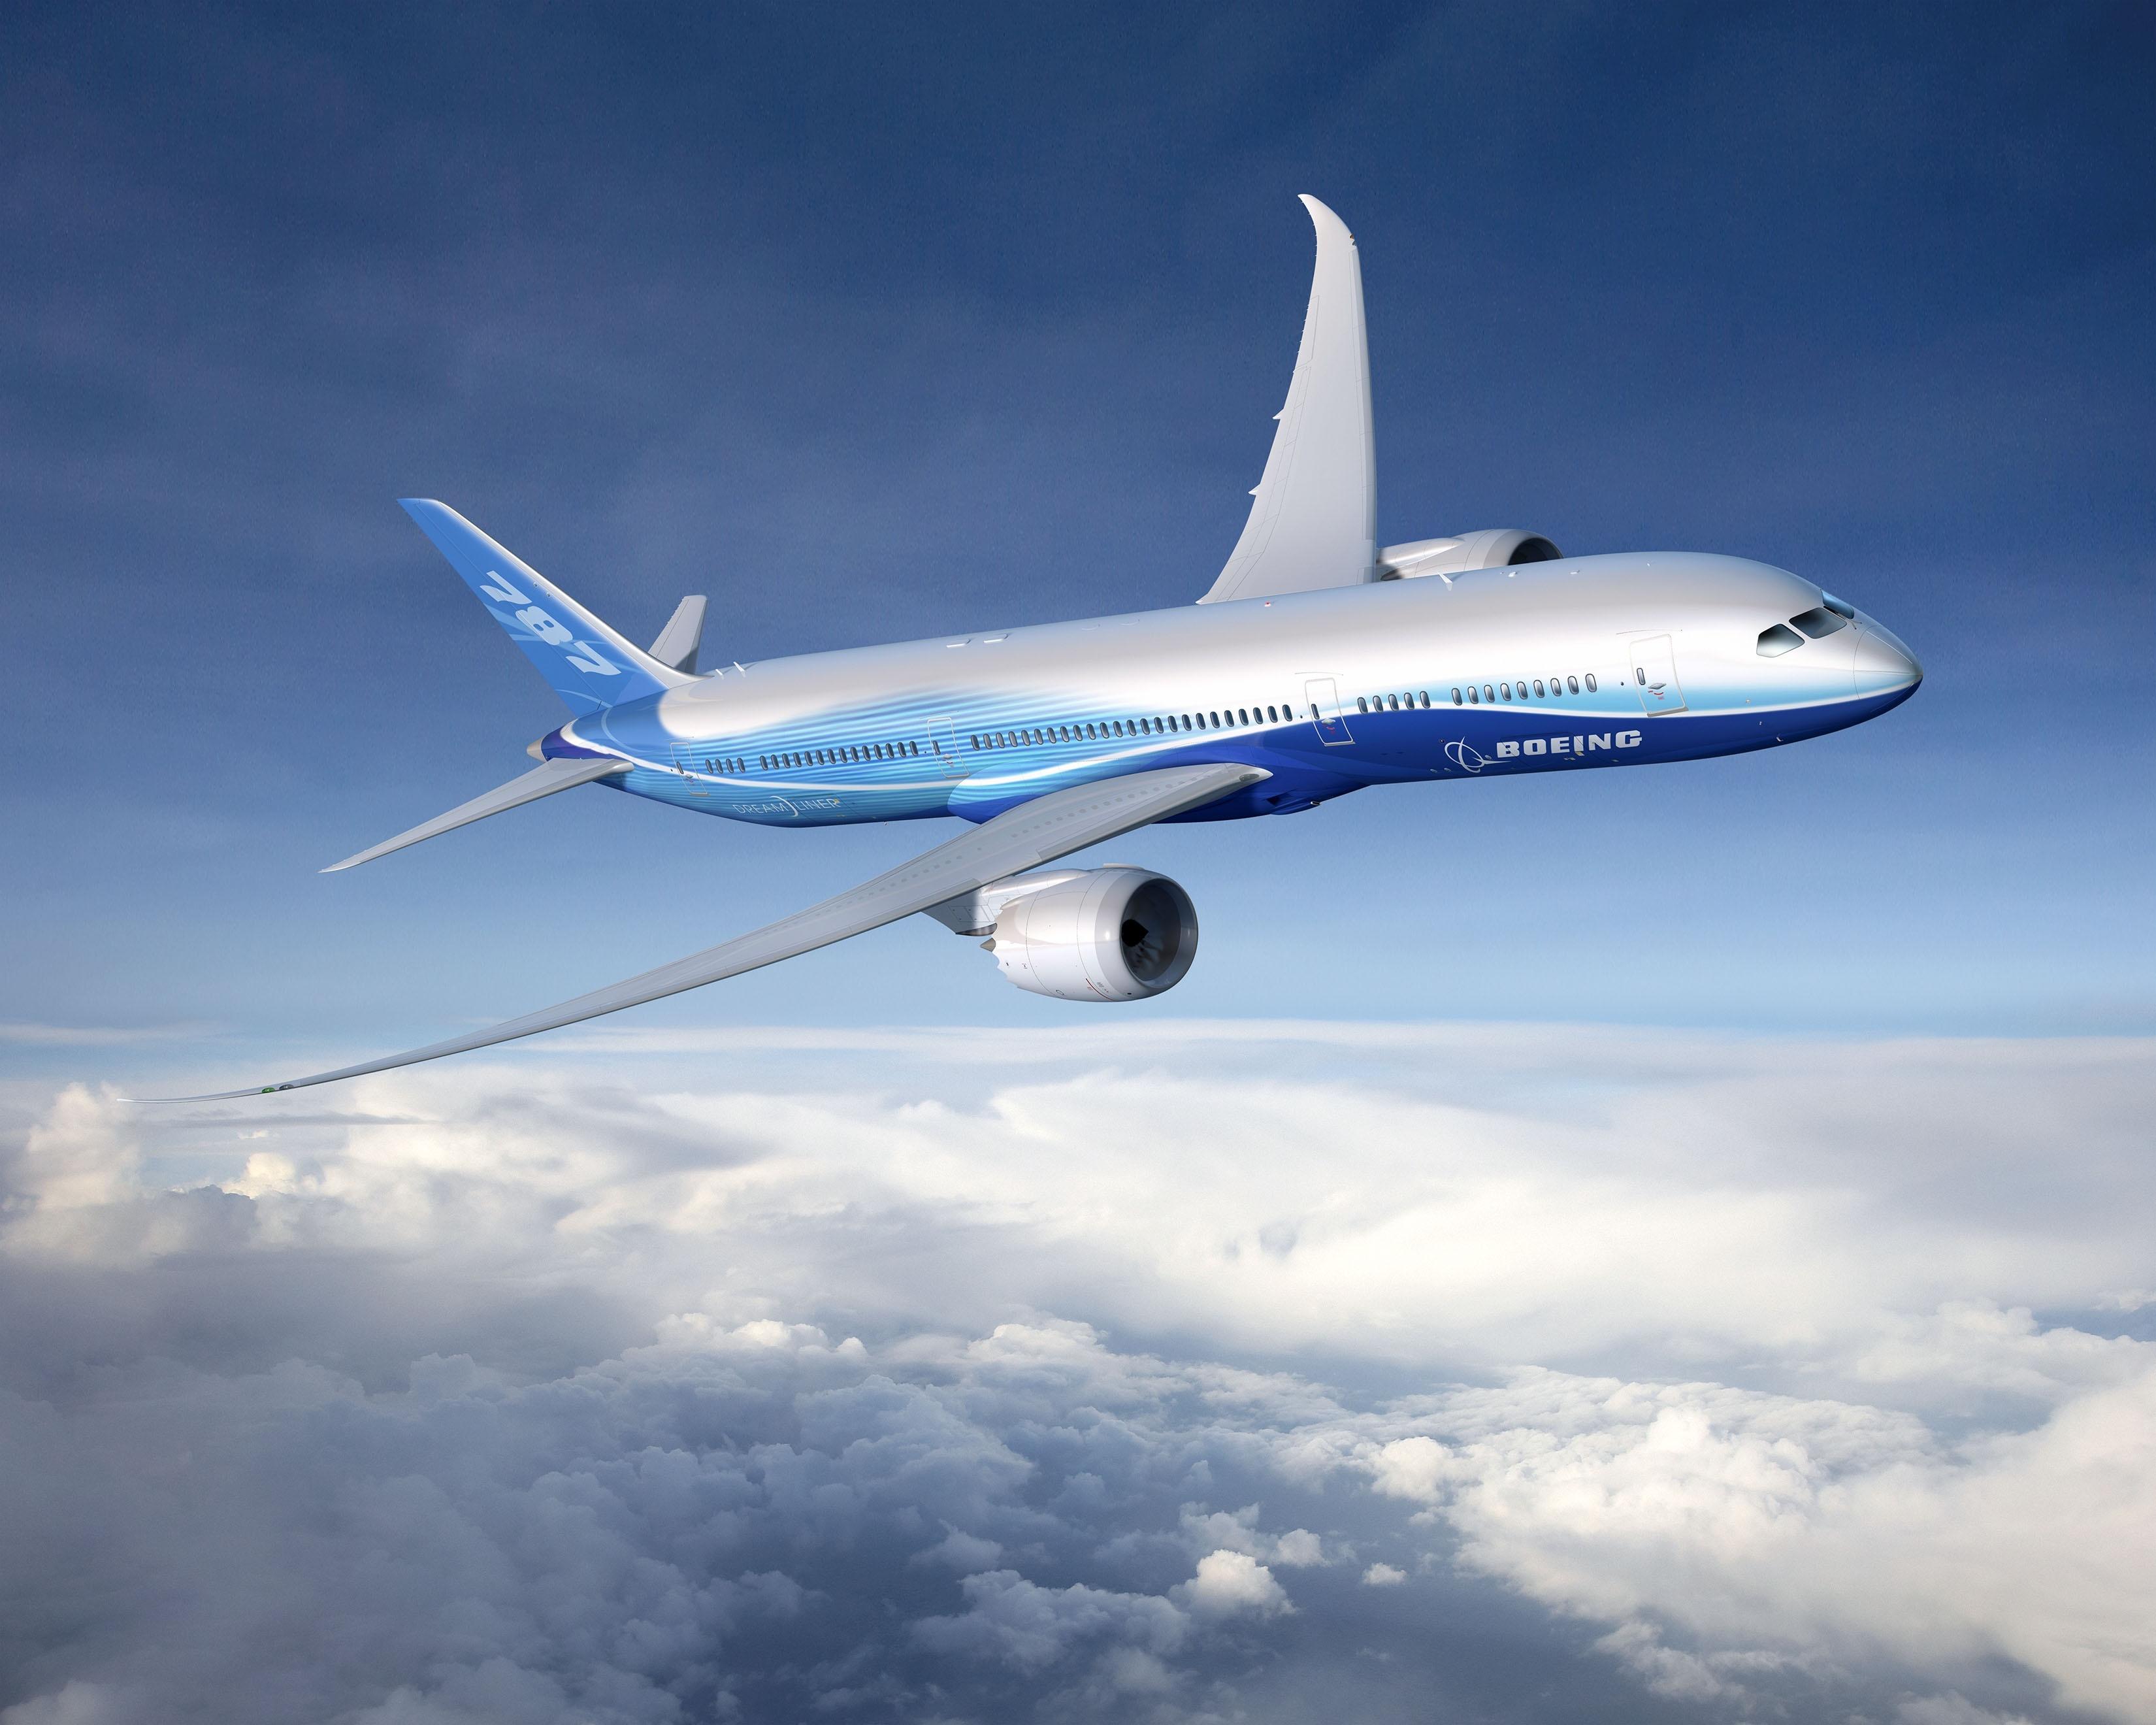 Aún faltan muchas pruebas antes de que los Boeing 787 vuelvan a volar